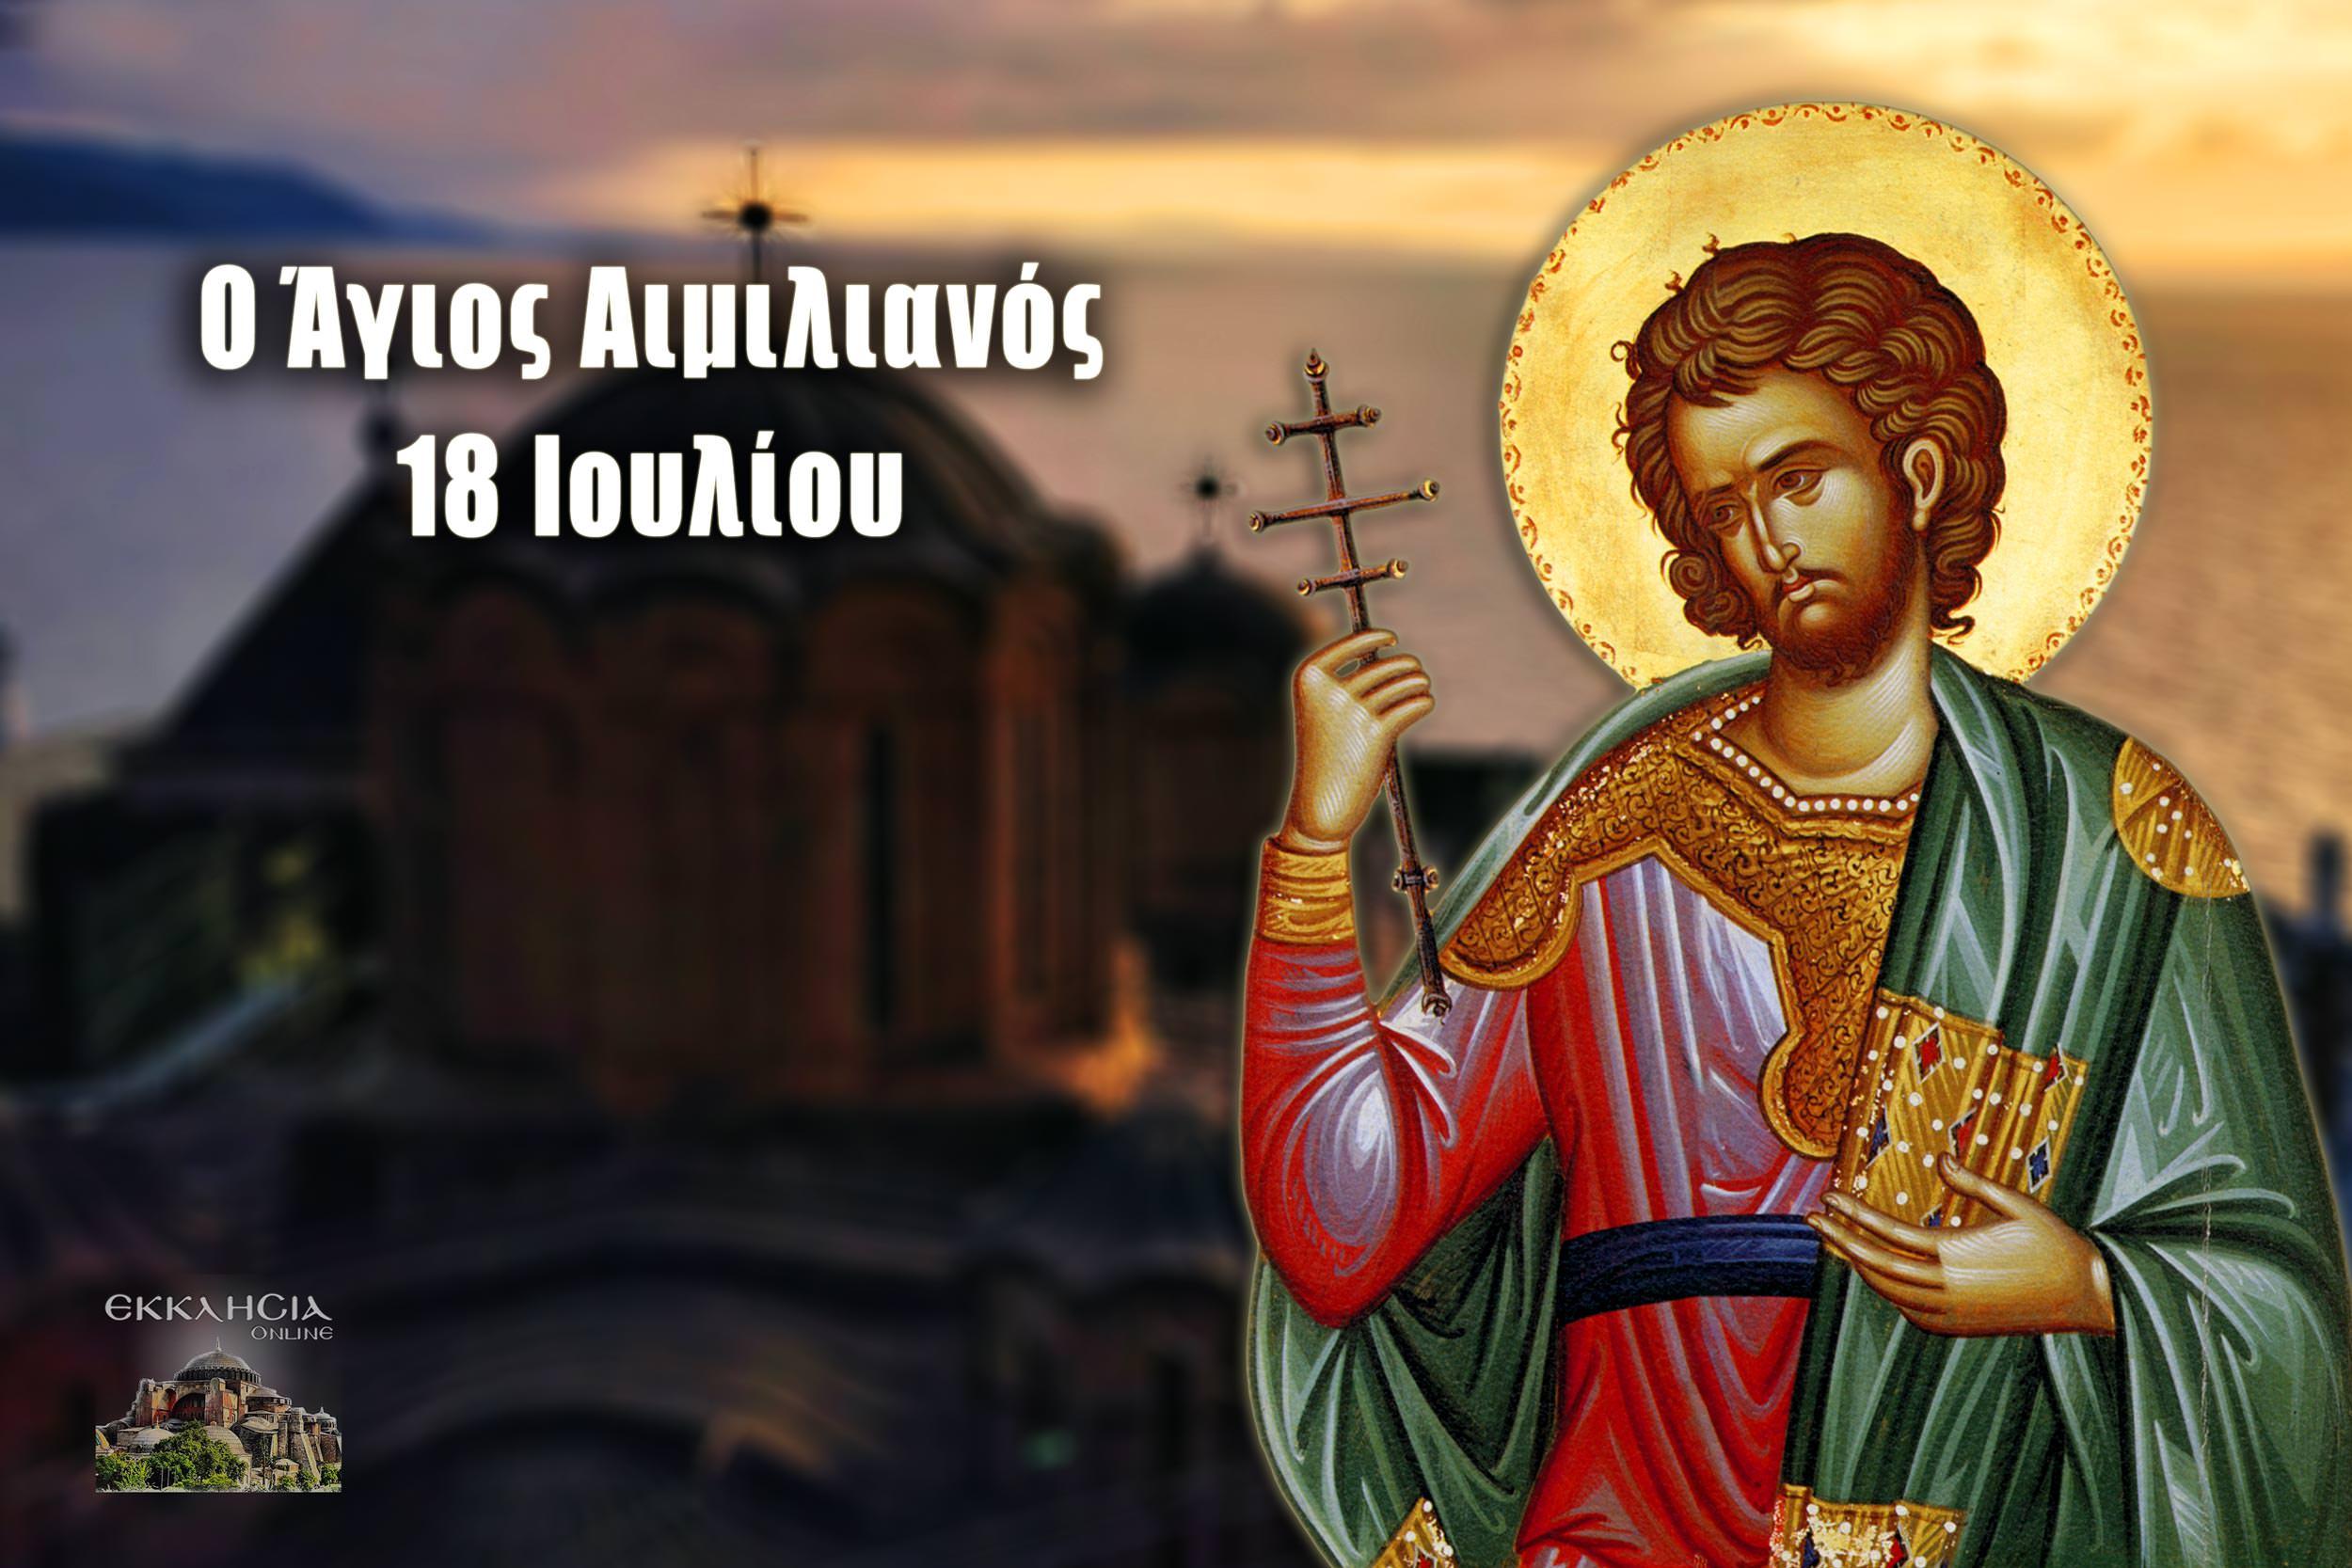 Άγιος Αιμιλιανός Μάρτυρας 18 Ιουλίου